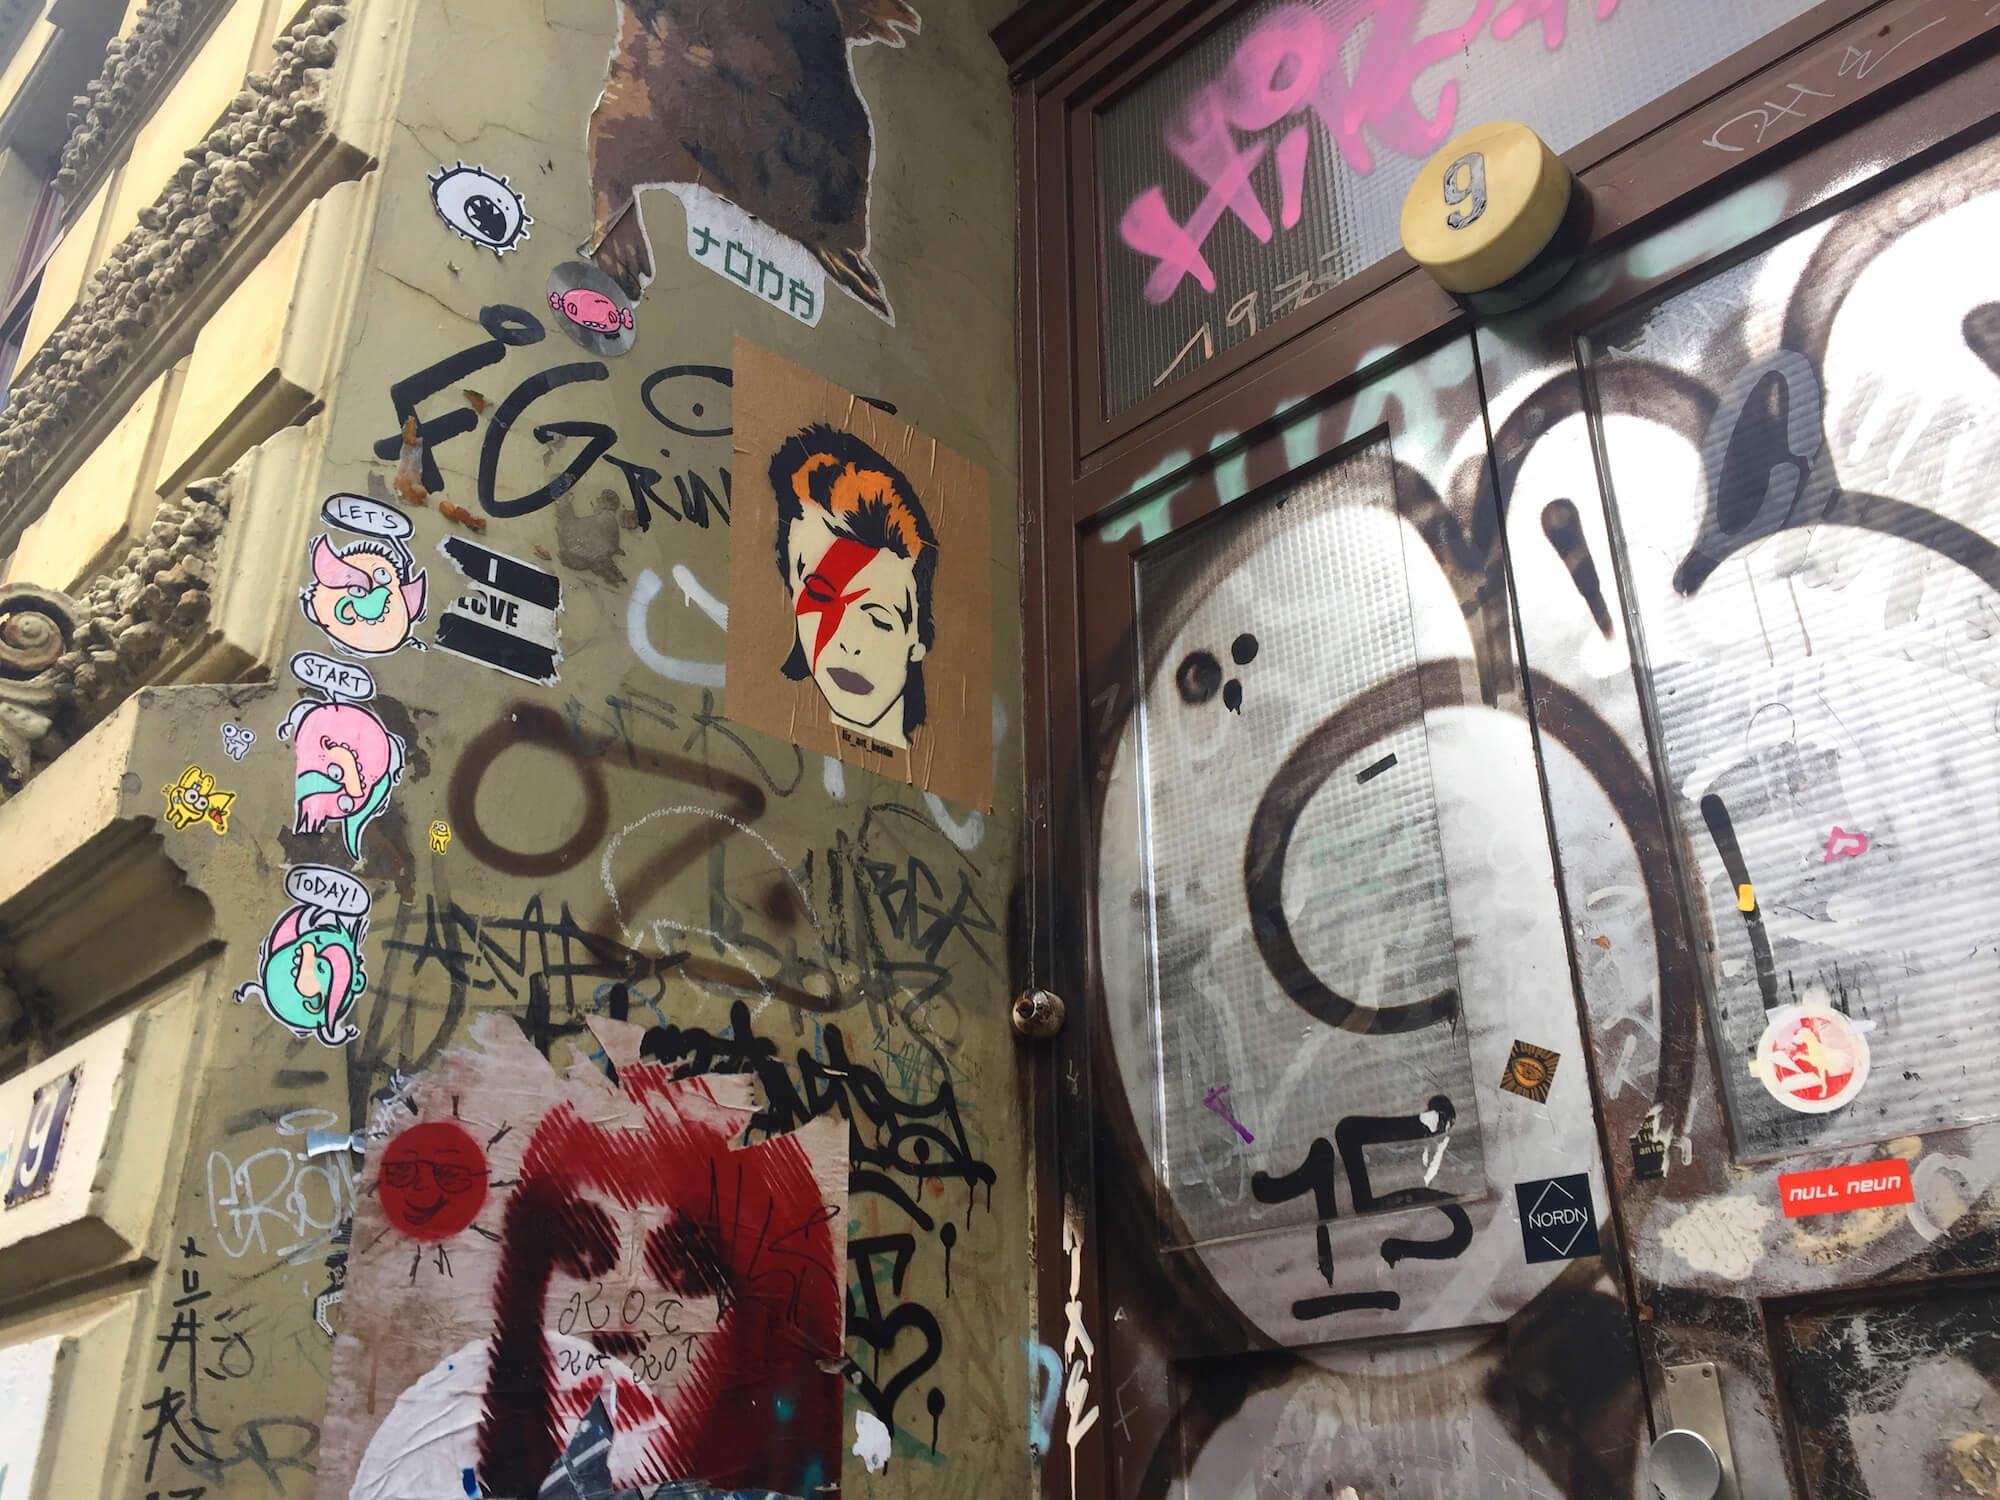 Ist das Streetart oder kann das weg? Graffiti und Paste-ups in der Schanze. Foto: Martina John